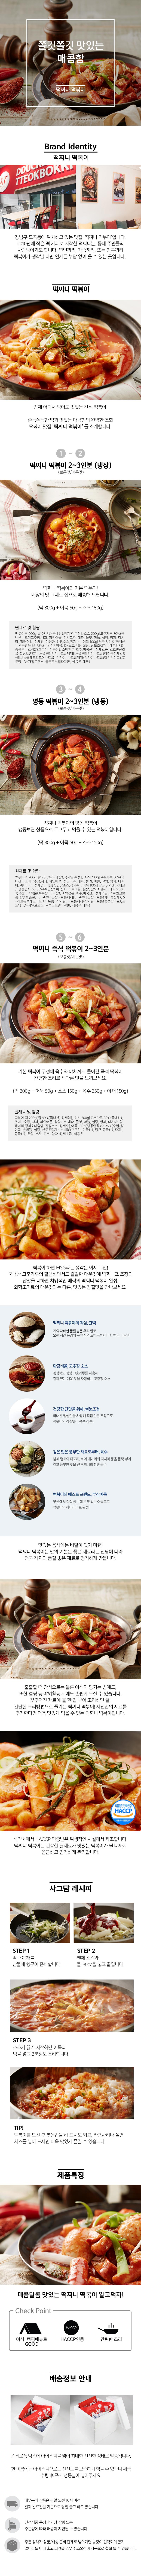 매콤함의 완벽조화! 떡찌니 떡볶이 - 테이스티푸드, 9,900원, 떡볶이/순대, 떡볶이